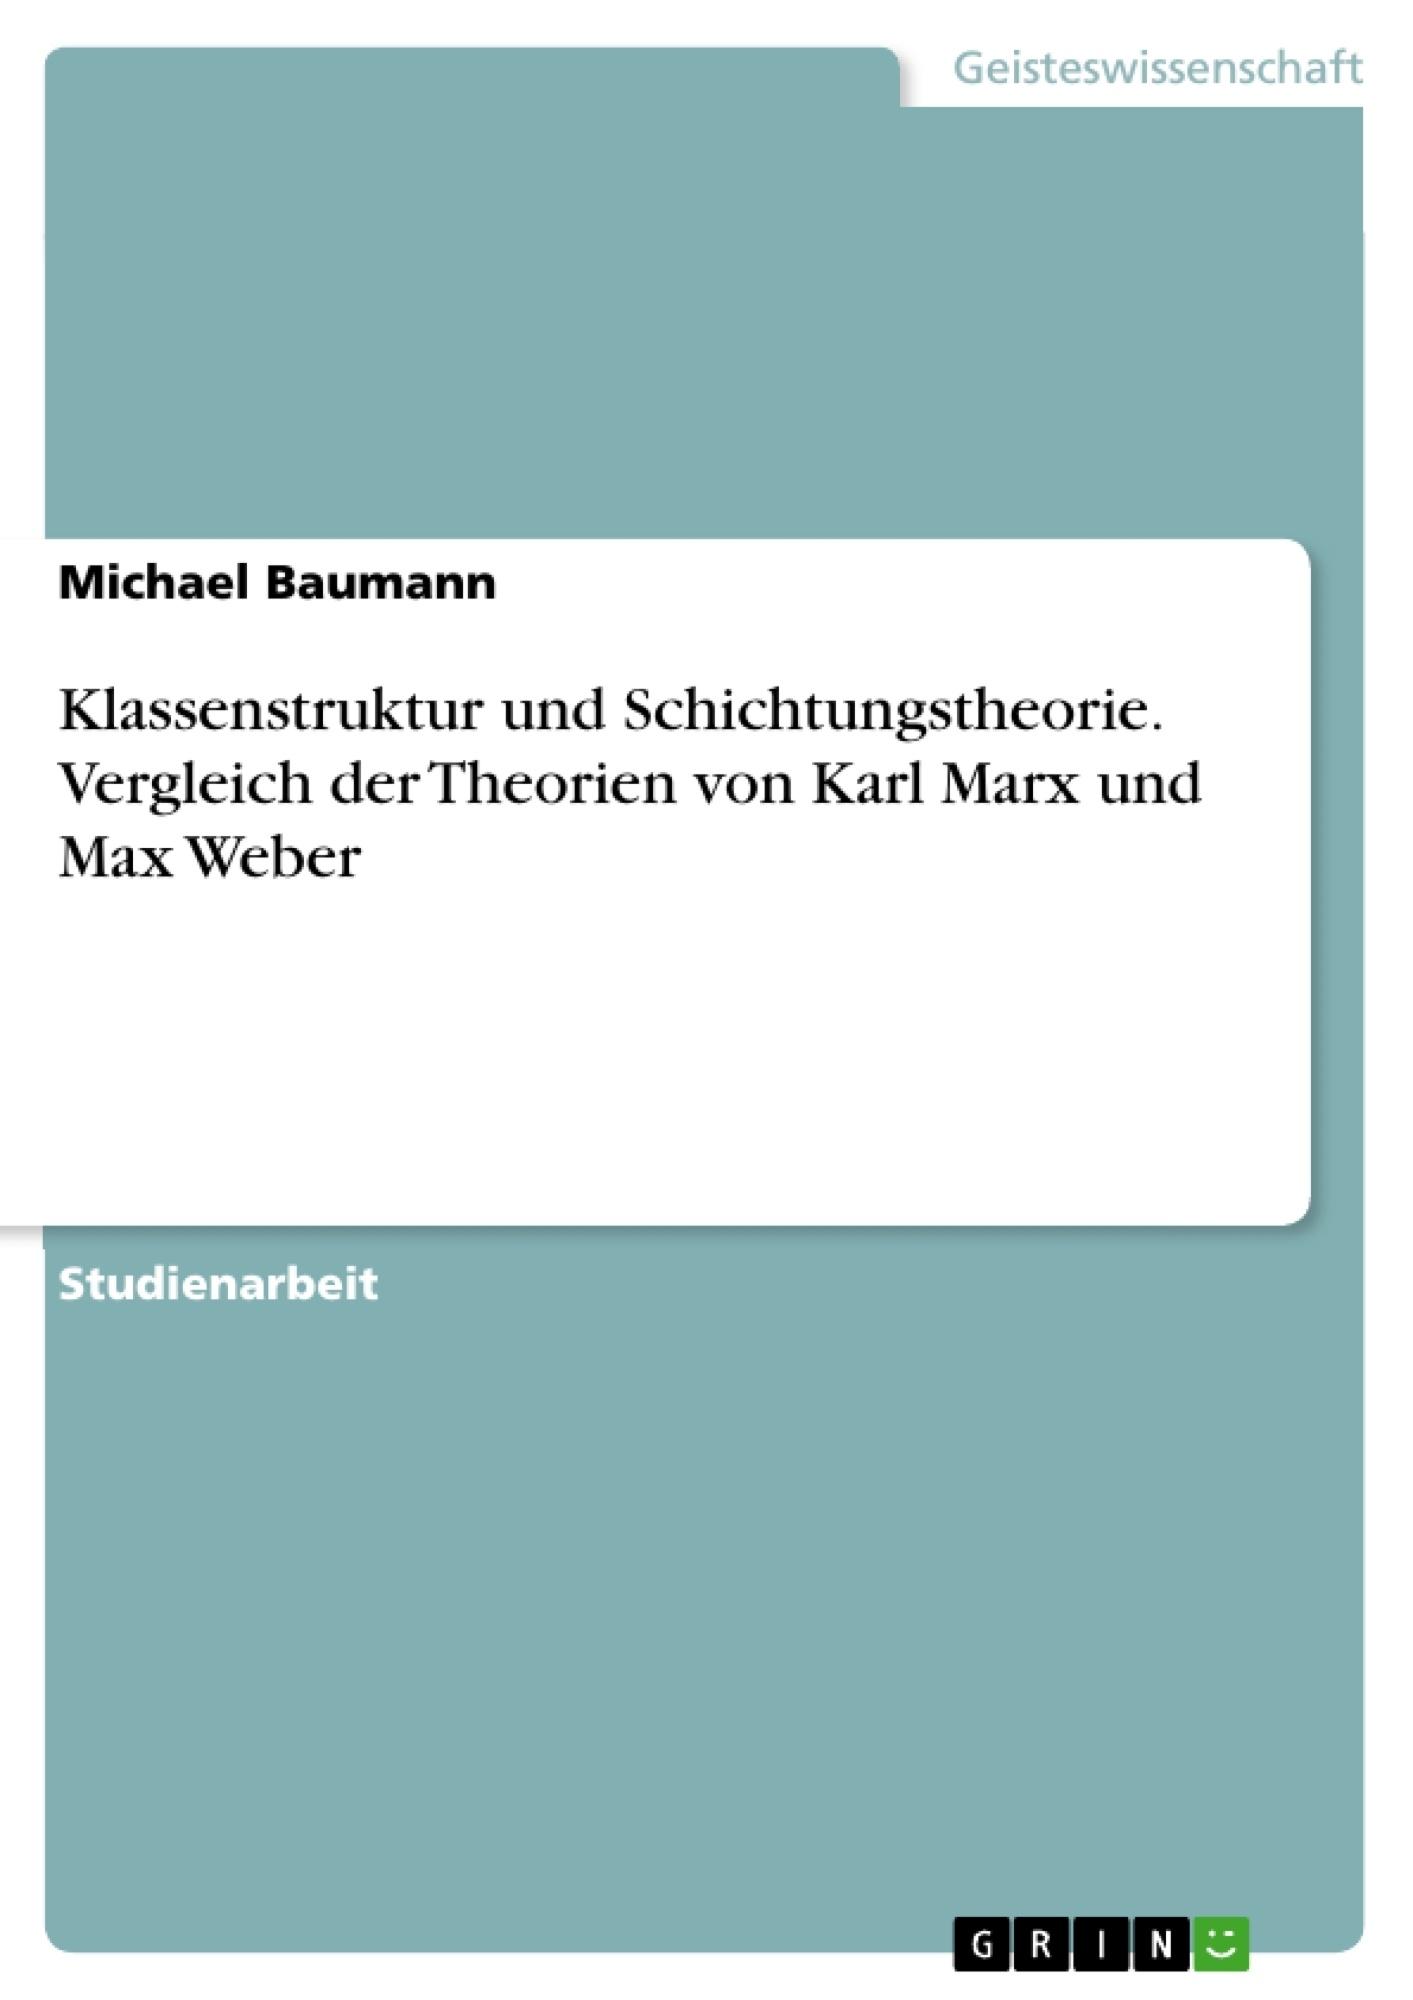 Titel: Klassenstruktur und Schichtungstheorie. Vergleich der Theorien von Karl Marx und Max Weber